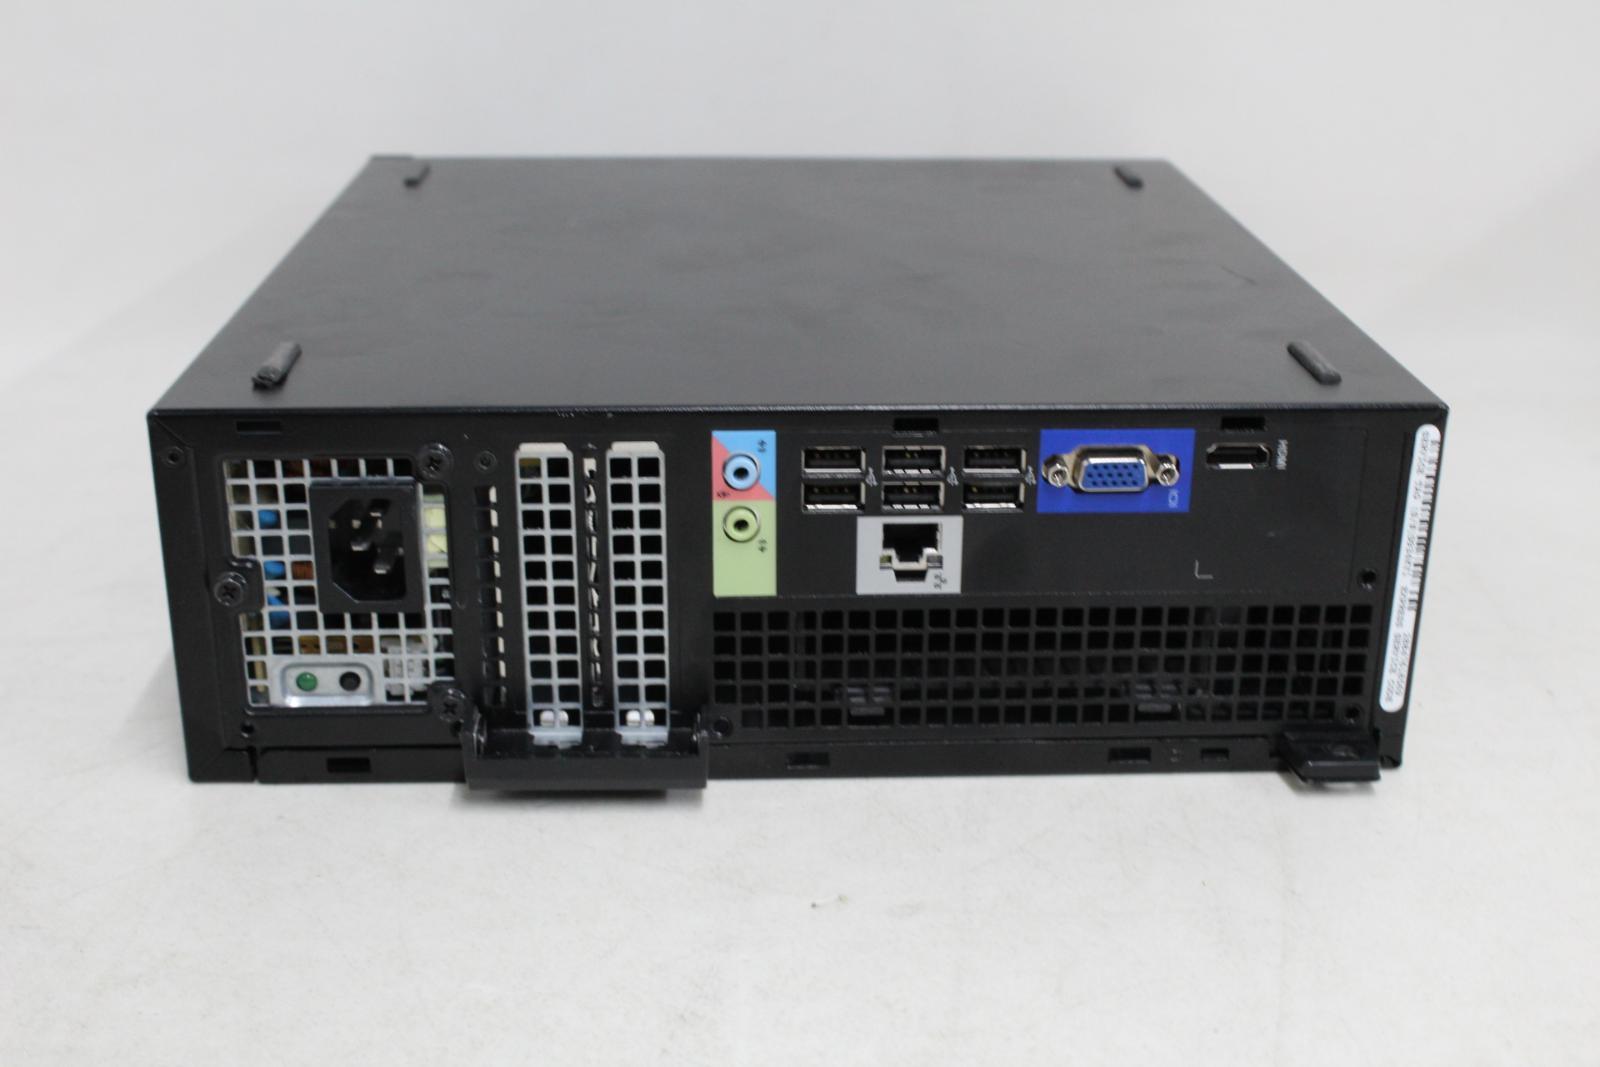 Dell-OptiPlex-3010-Intel-Core-i3-3220-3-3GHz-4GB-RAM-SFF-PC-de-escritorio-sin-disco-duro-2x miniatura 7